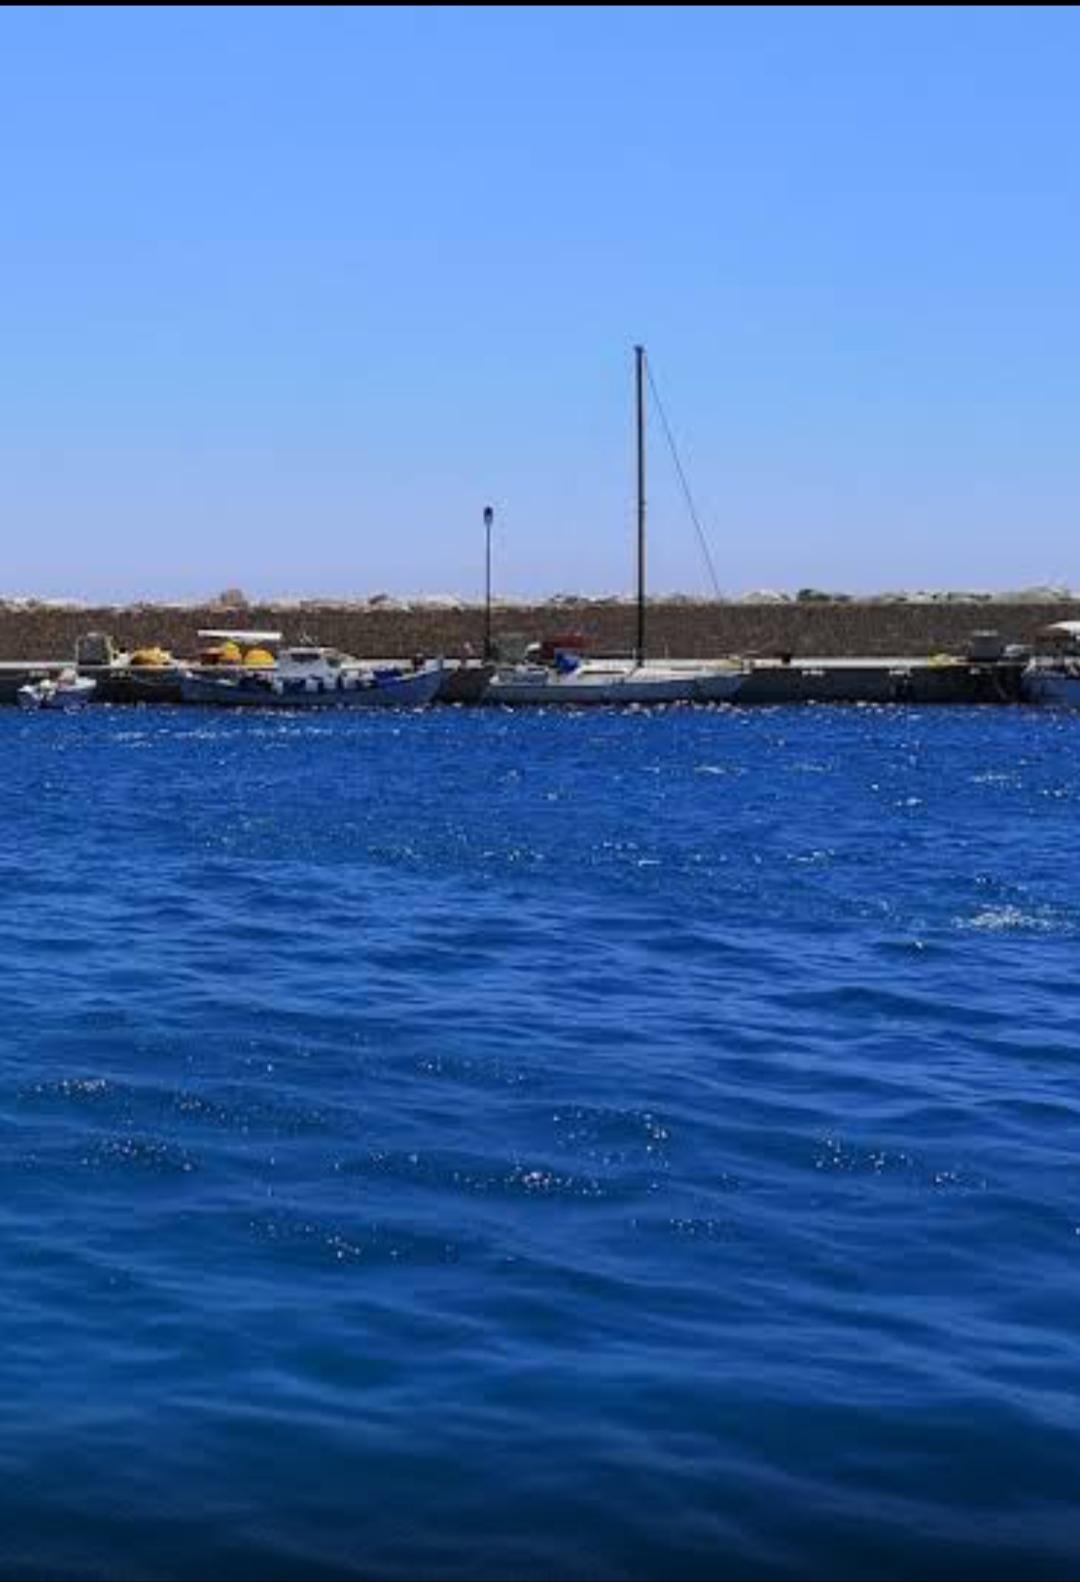 Анастасия стоит на причале одного из микроскопических греческих островов - фото нашли через Google maps!